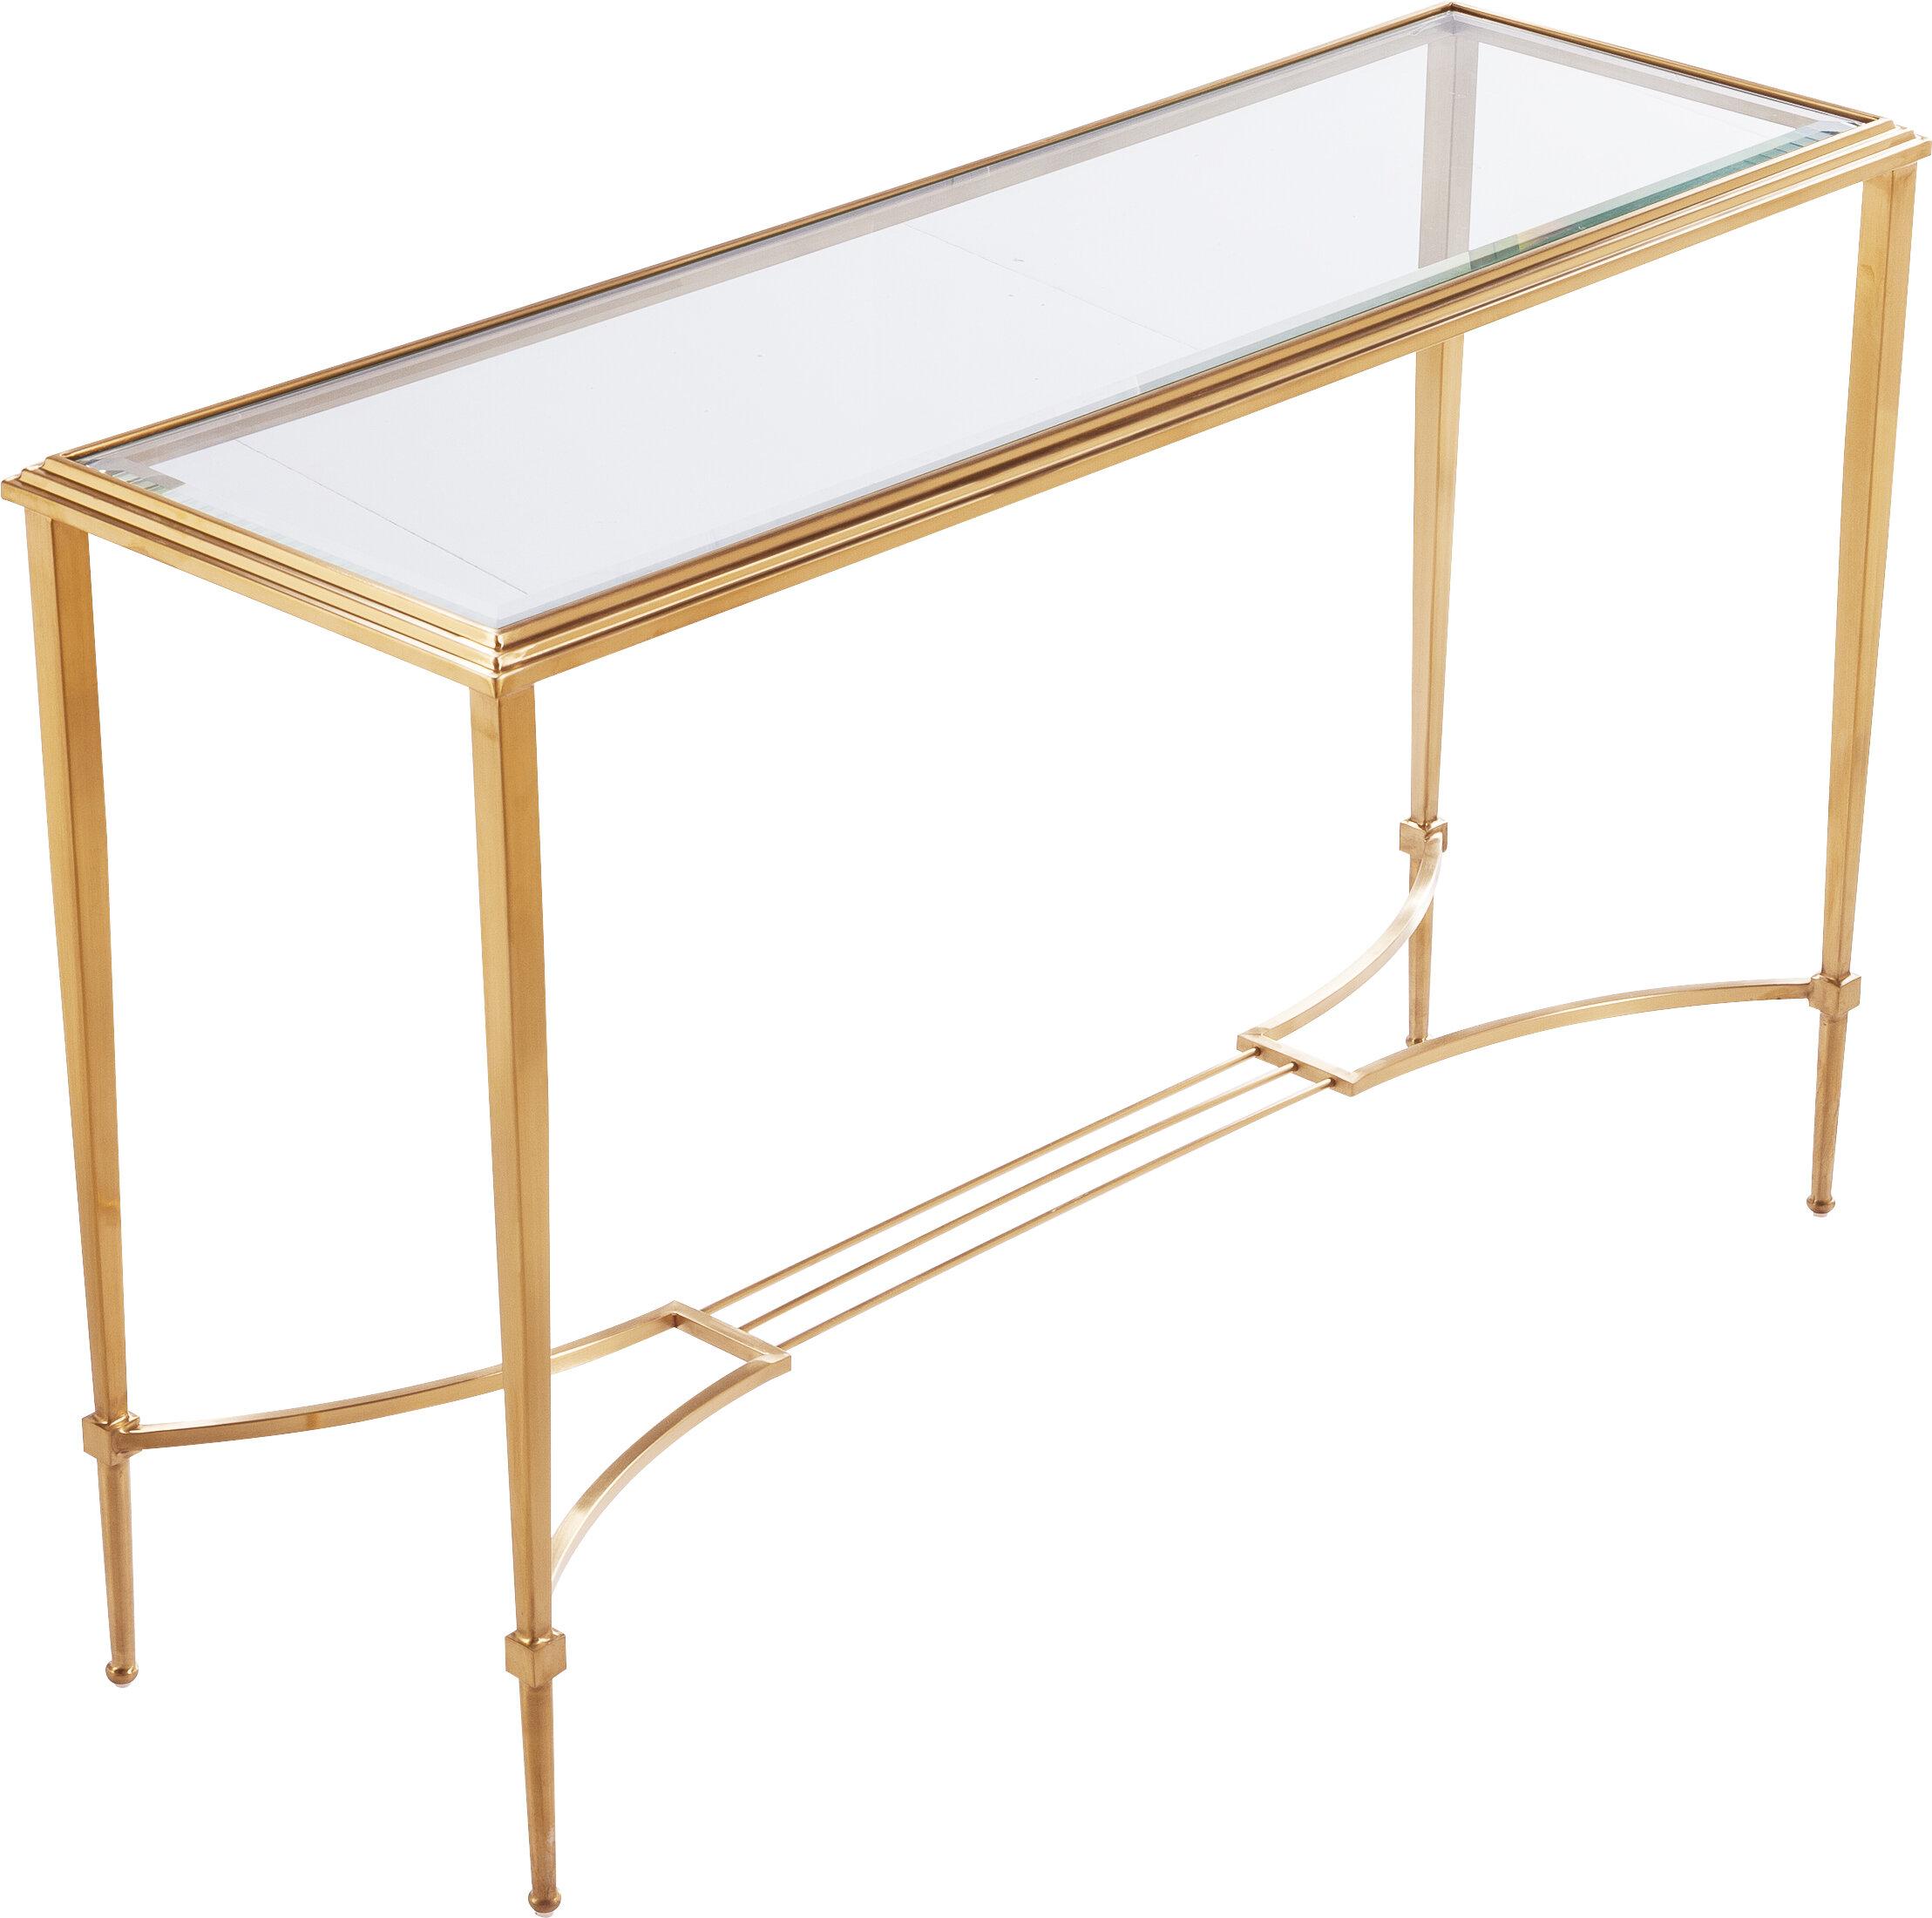 Miraculous Sophia Console Table Inzonedesignstudio Interior Chair Design Inzonedesignstudiocom